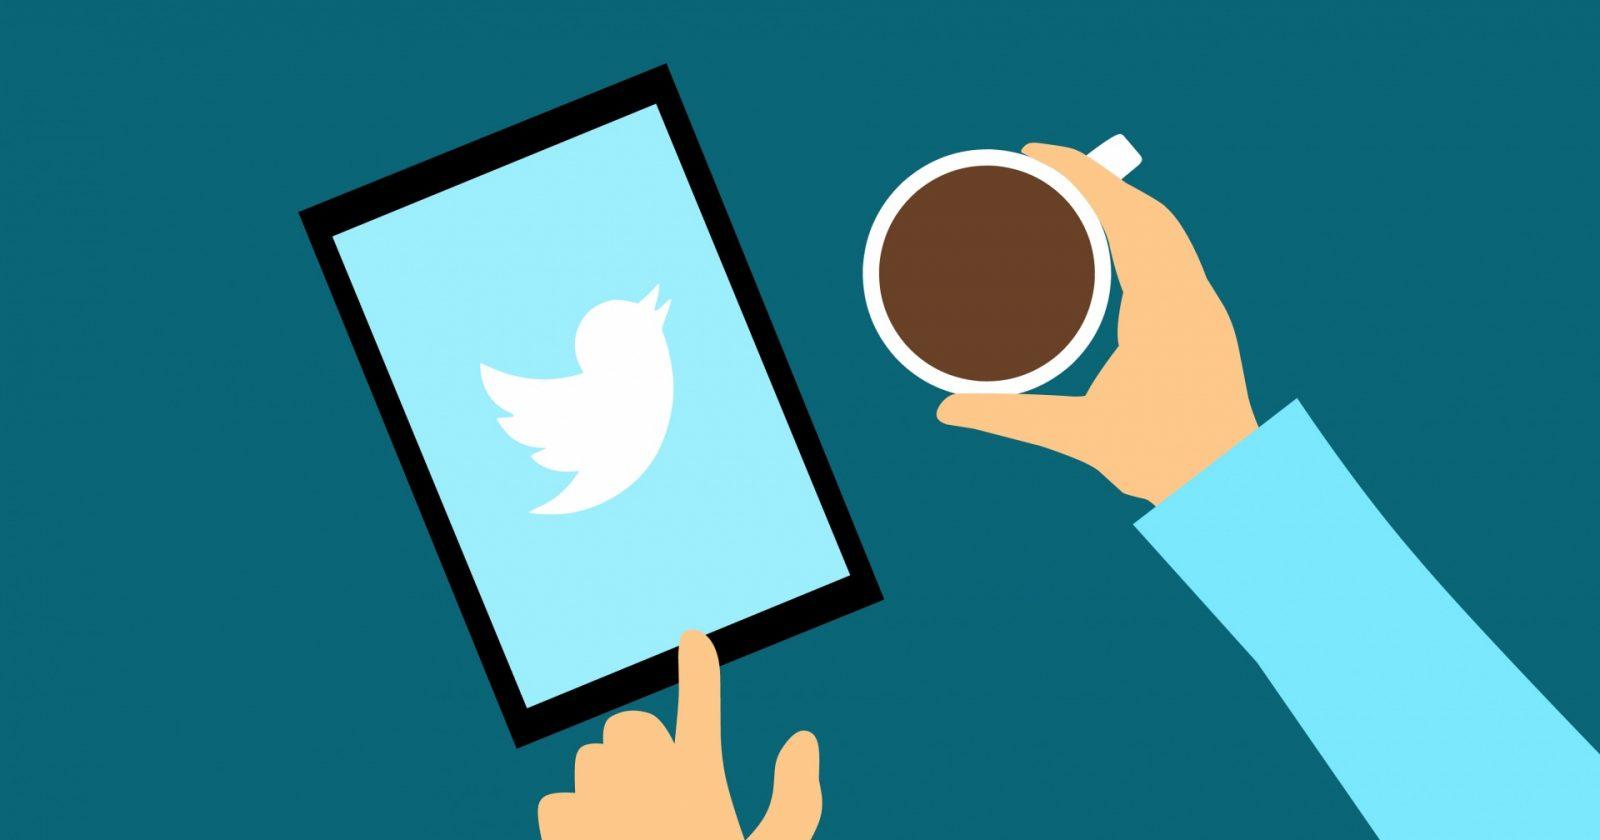 [object object] - twitter - Come recuperare un account sospeso di Twitter